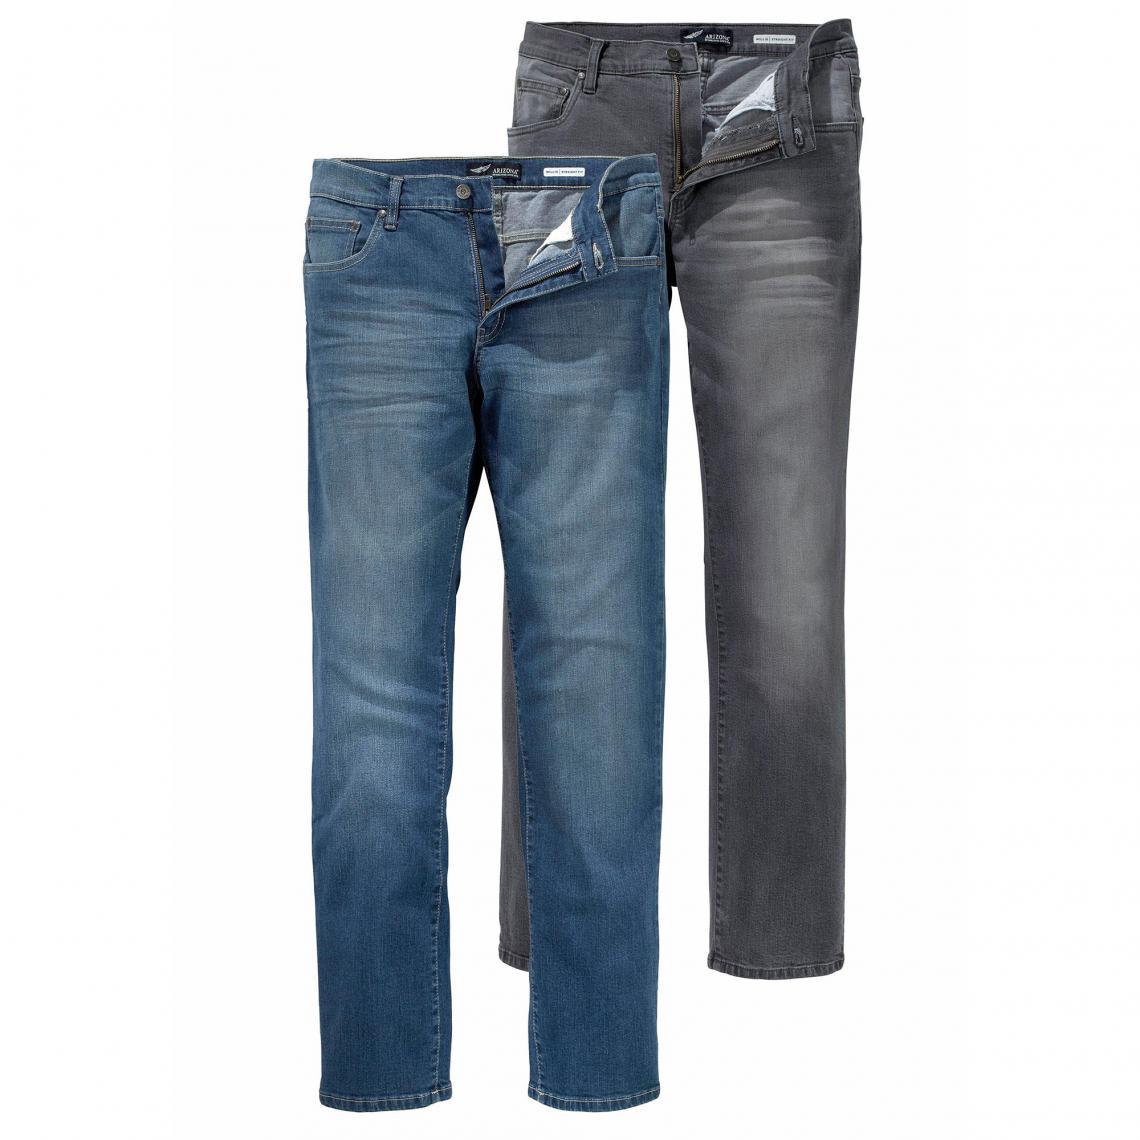 5 Willis Droite Poches Homme Stretch De Coupe 2 Coton Lot Jeans XqFw1